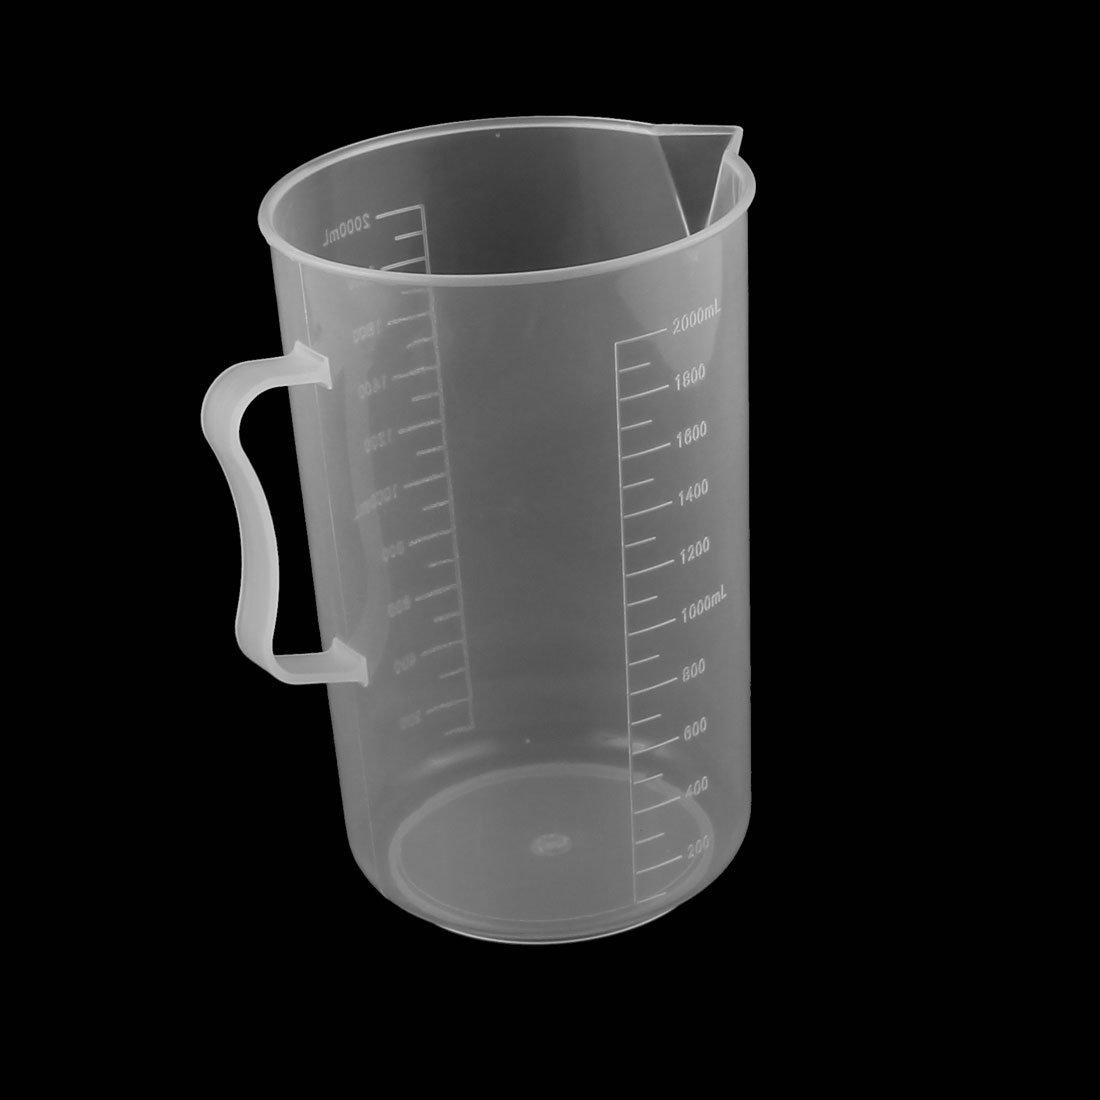 uxcell Kitchen Lab 2000mL Plastic Measurment Cup Jug Pour Spout Container